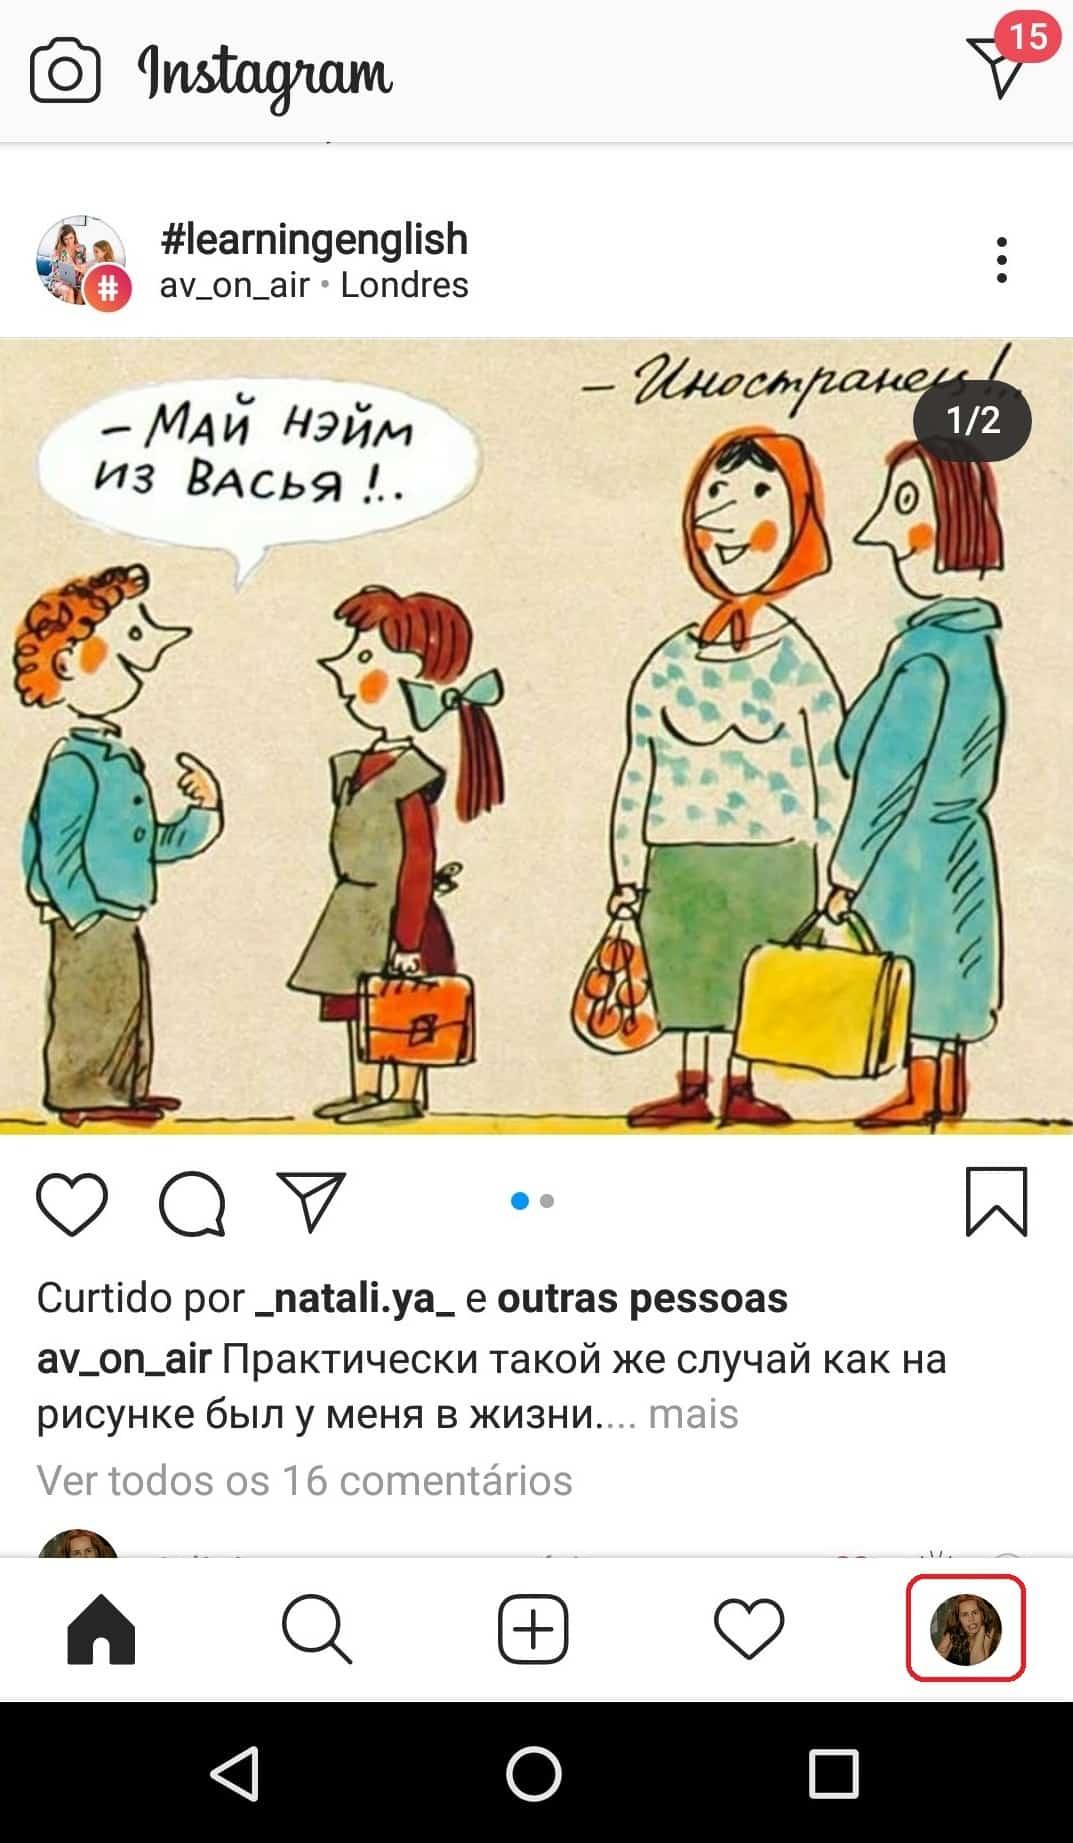 imagem 2 de Como remover curtidas e reações de posts no Instagram e Facebook